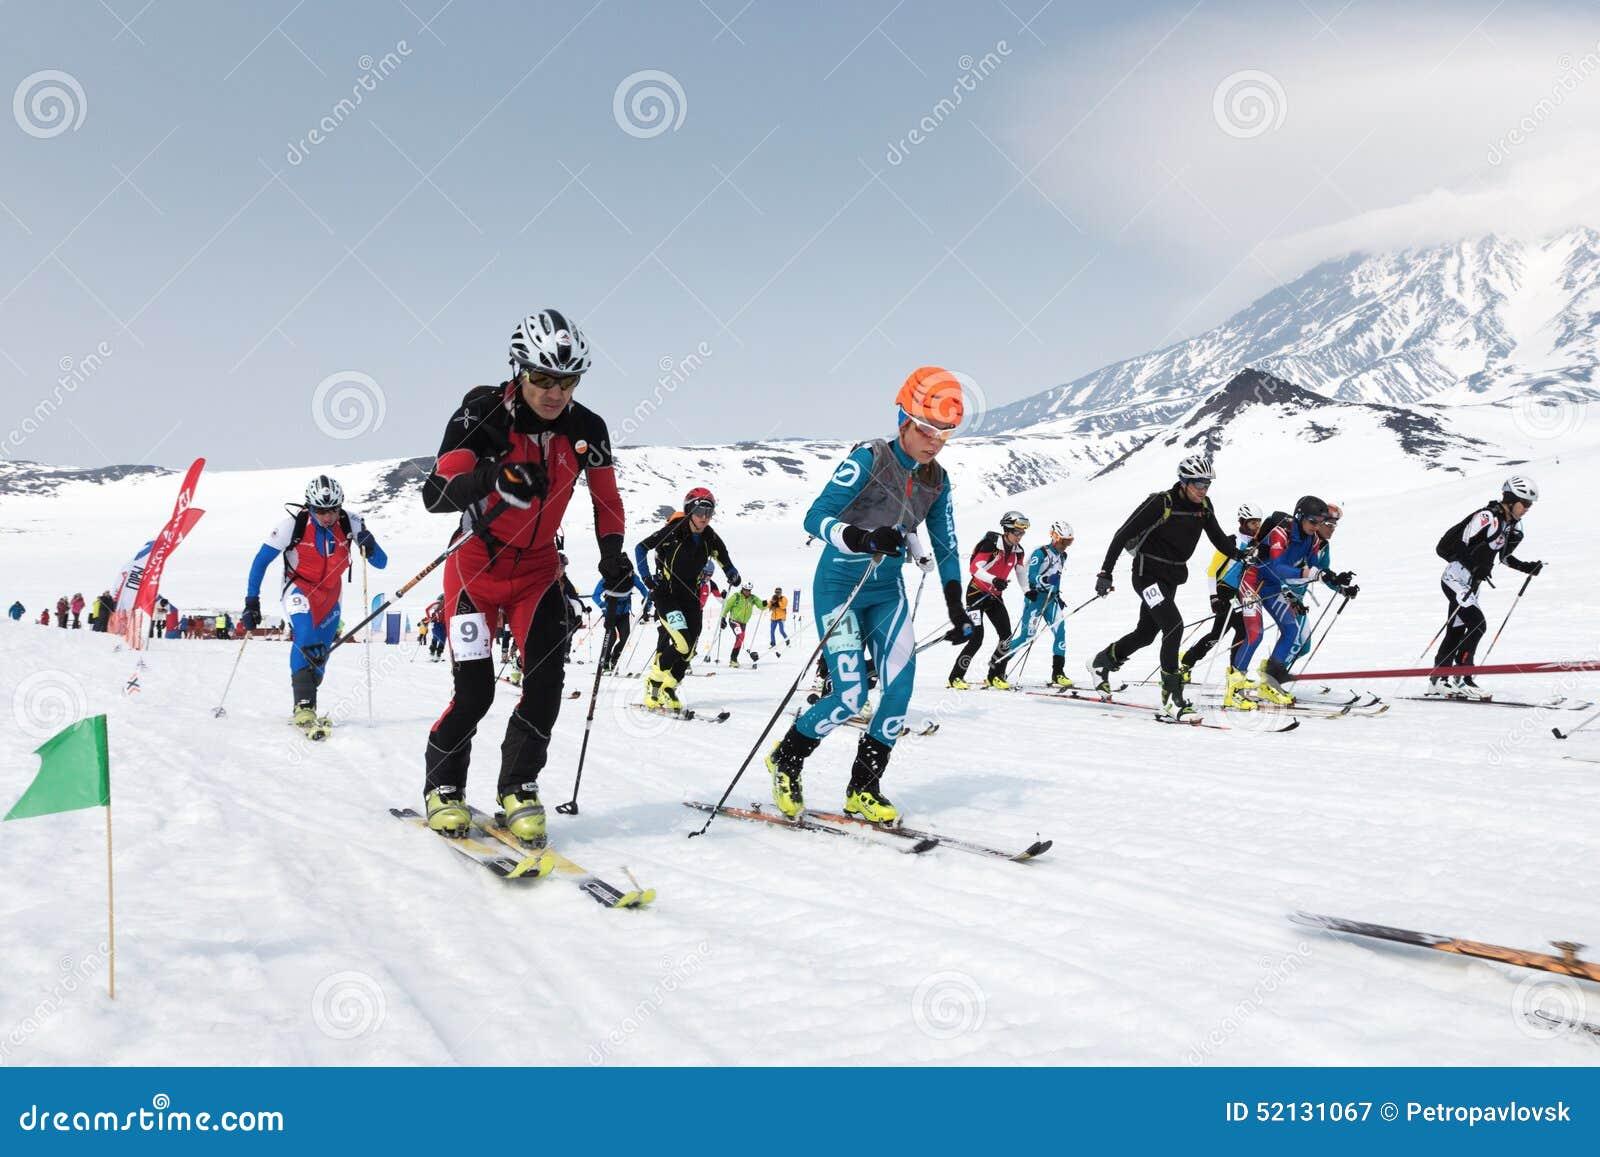 Massstartloppet, skidar bergsbestigare klättrar skidar på på berget Team Race skidar bergsbestigning Kamchatka Ryssland